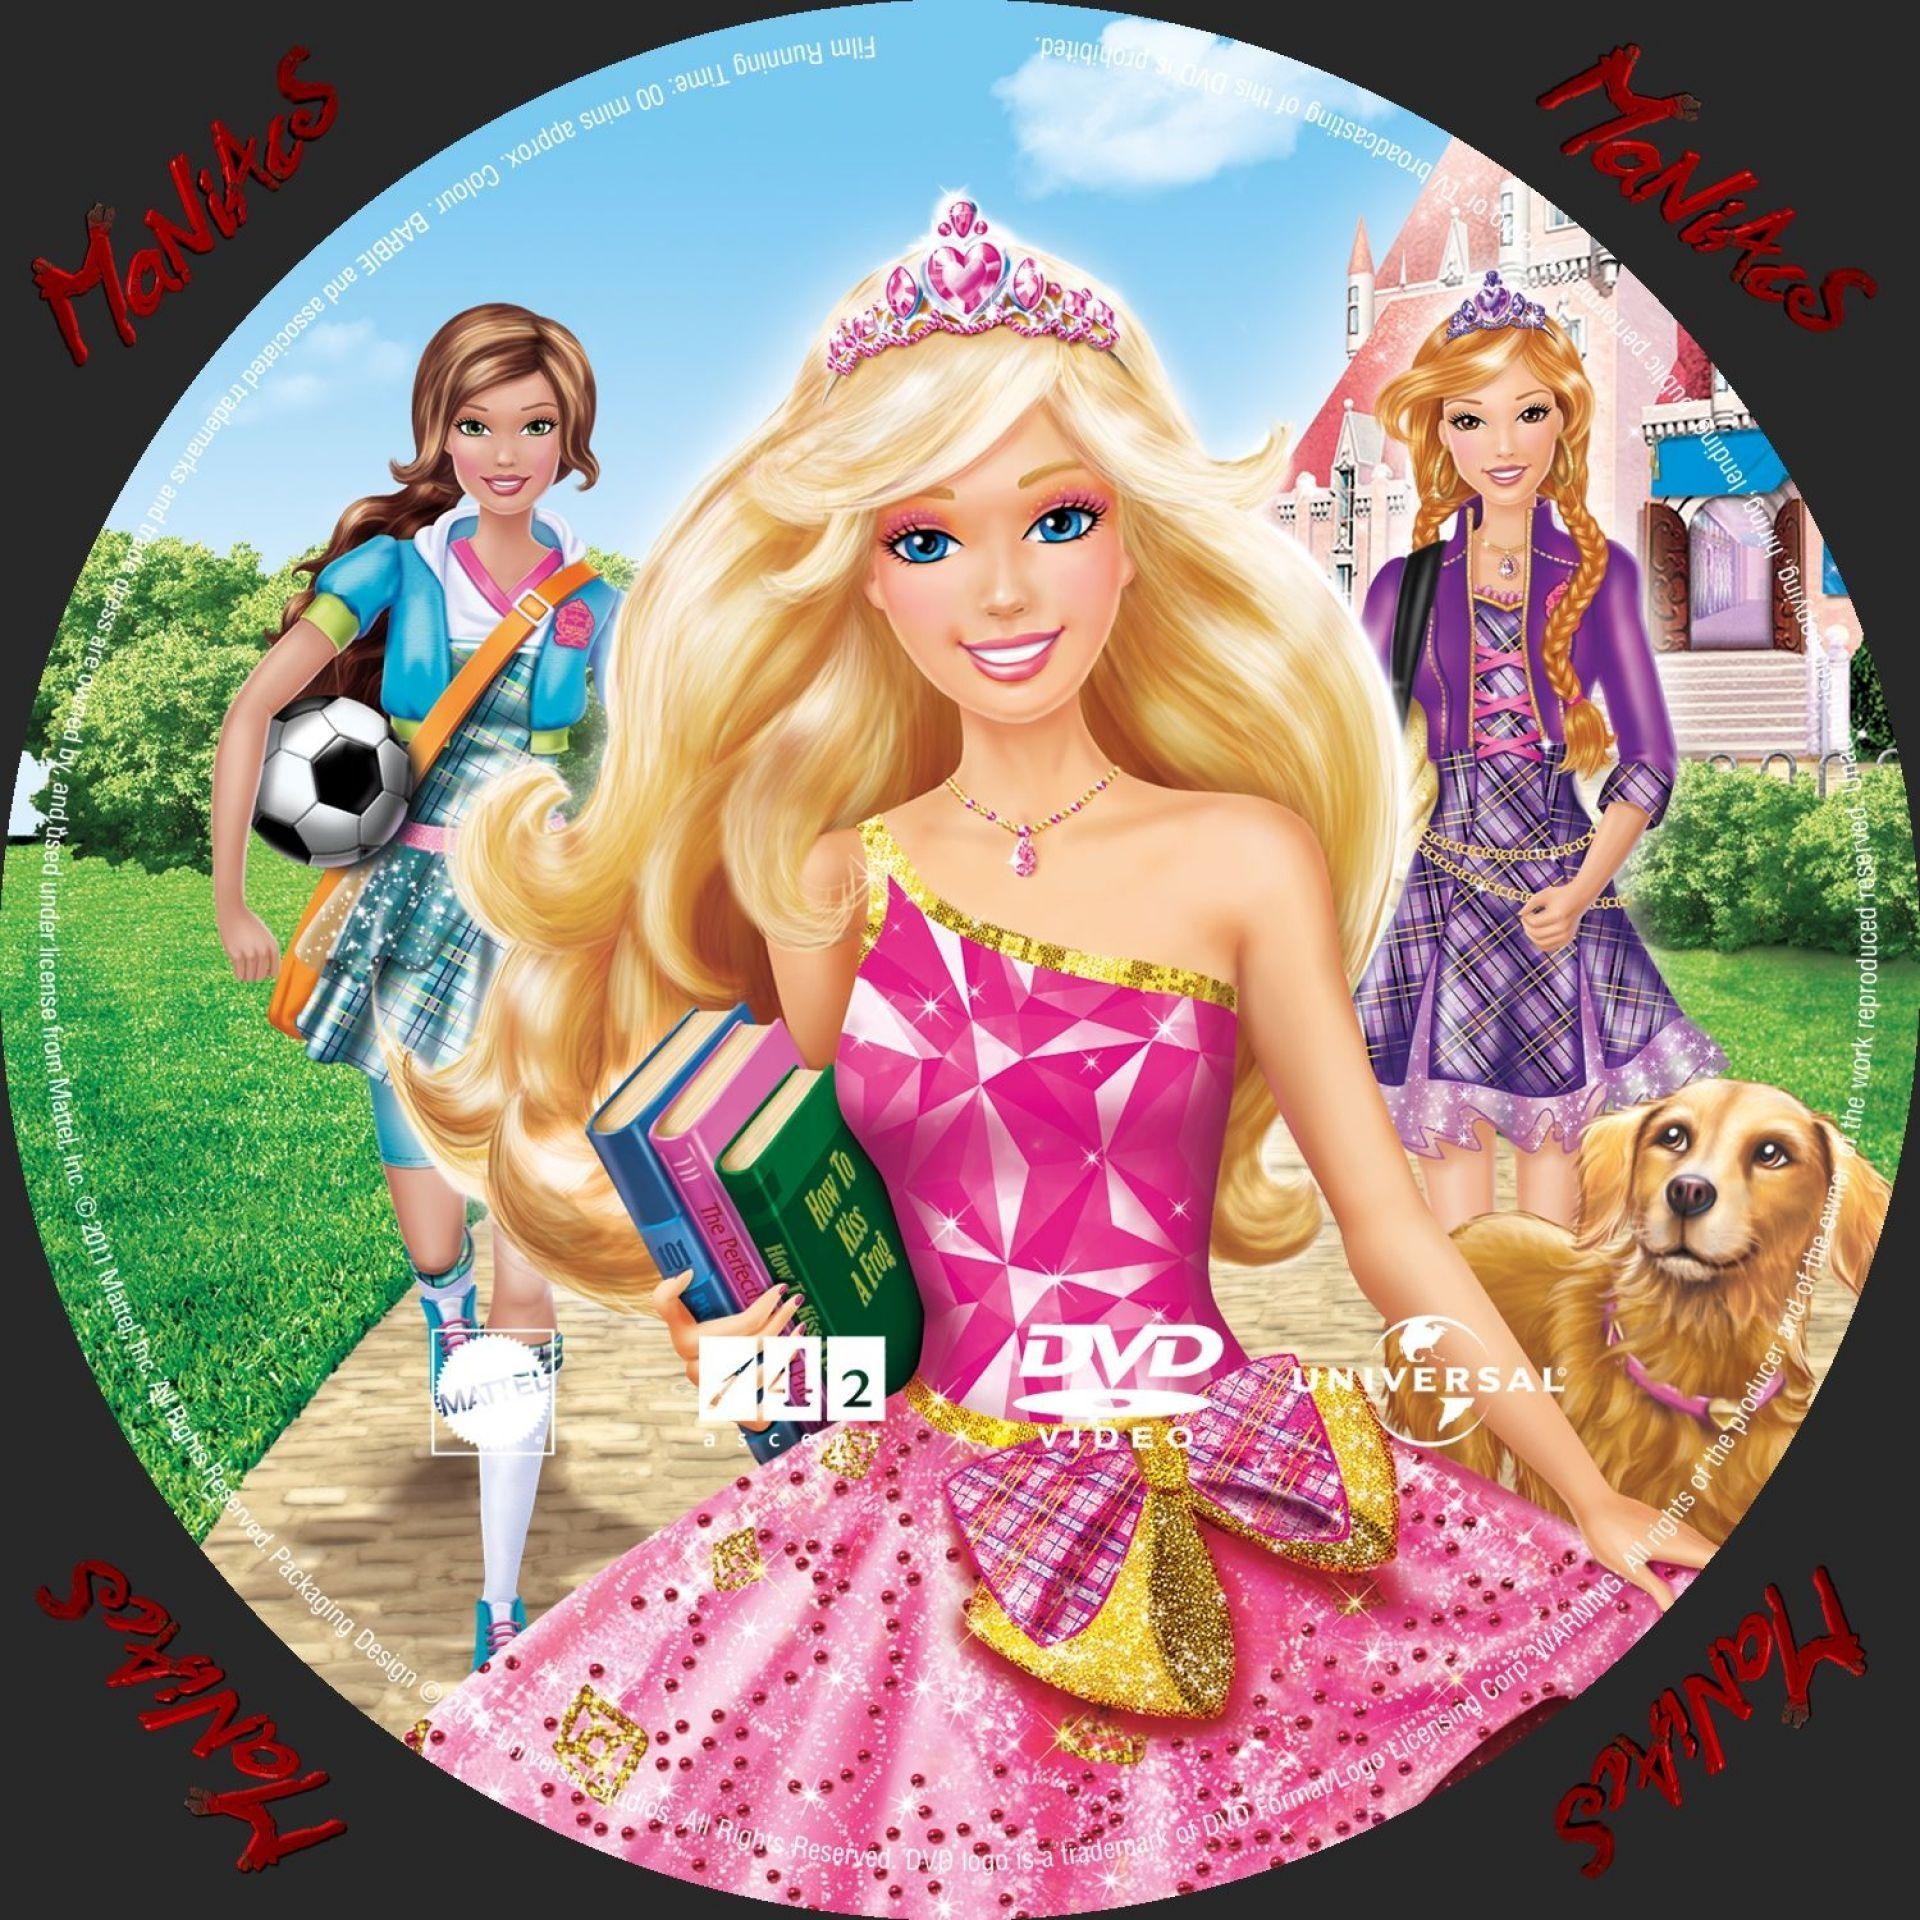 Barbie Sirene Film Complet En Francais Check More At Https Www Nicolasbravo Info Barbie Sirene Film Complet En Francais